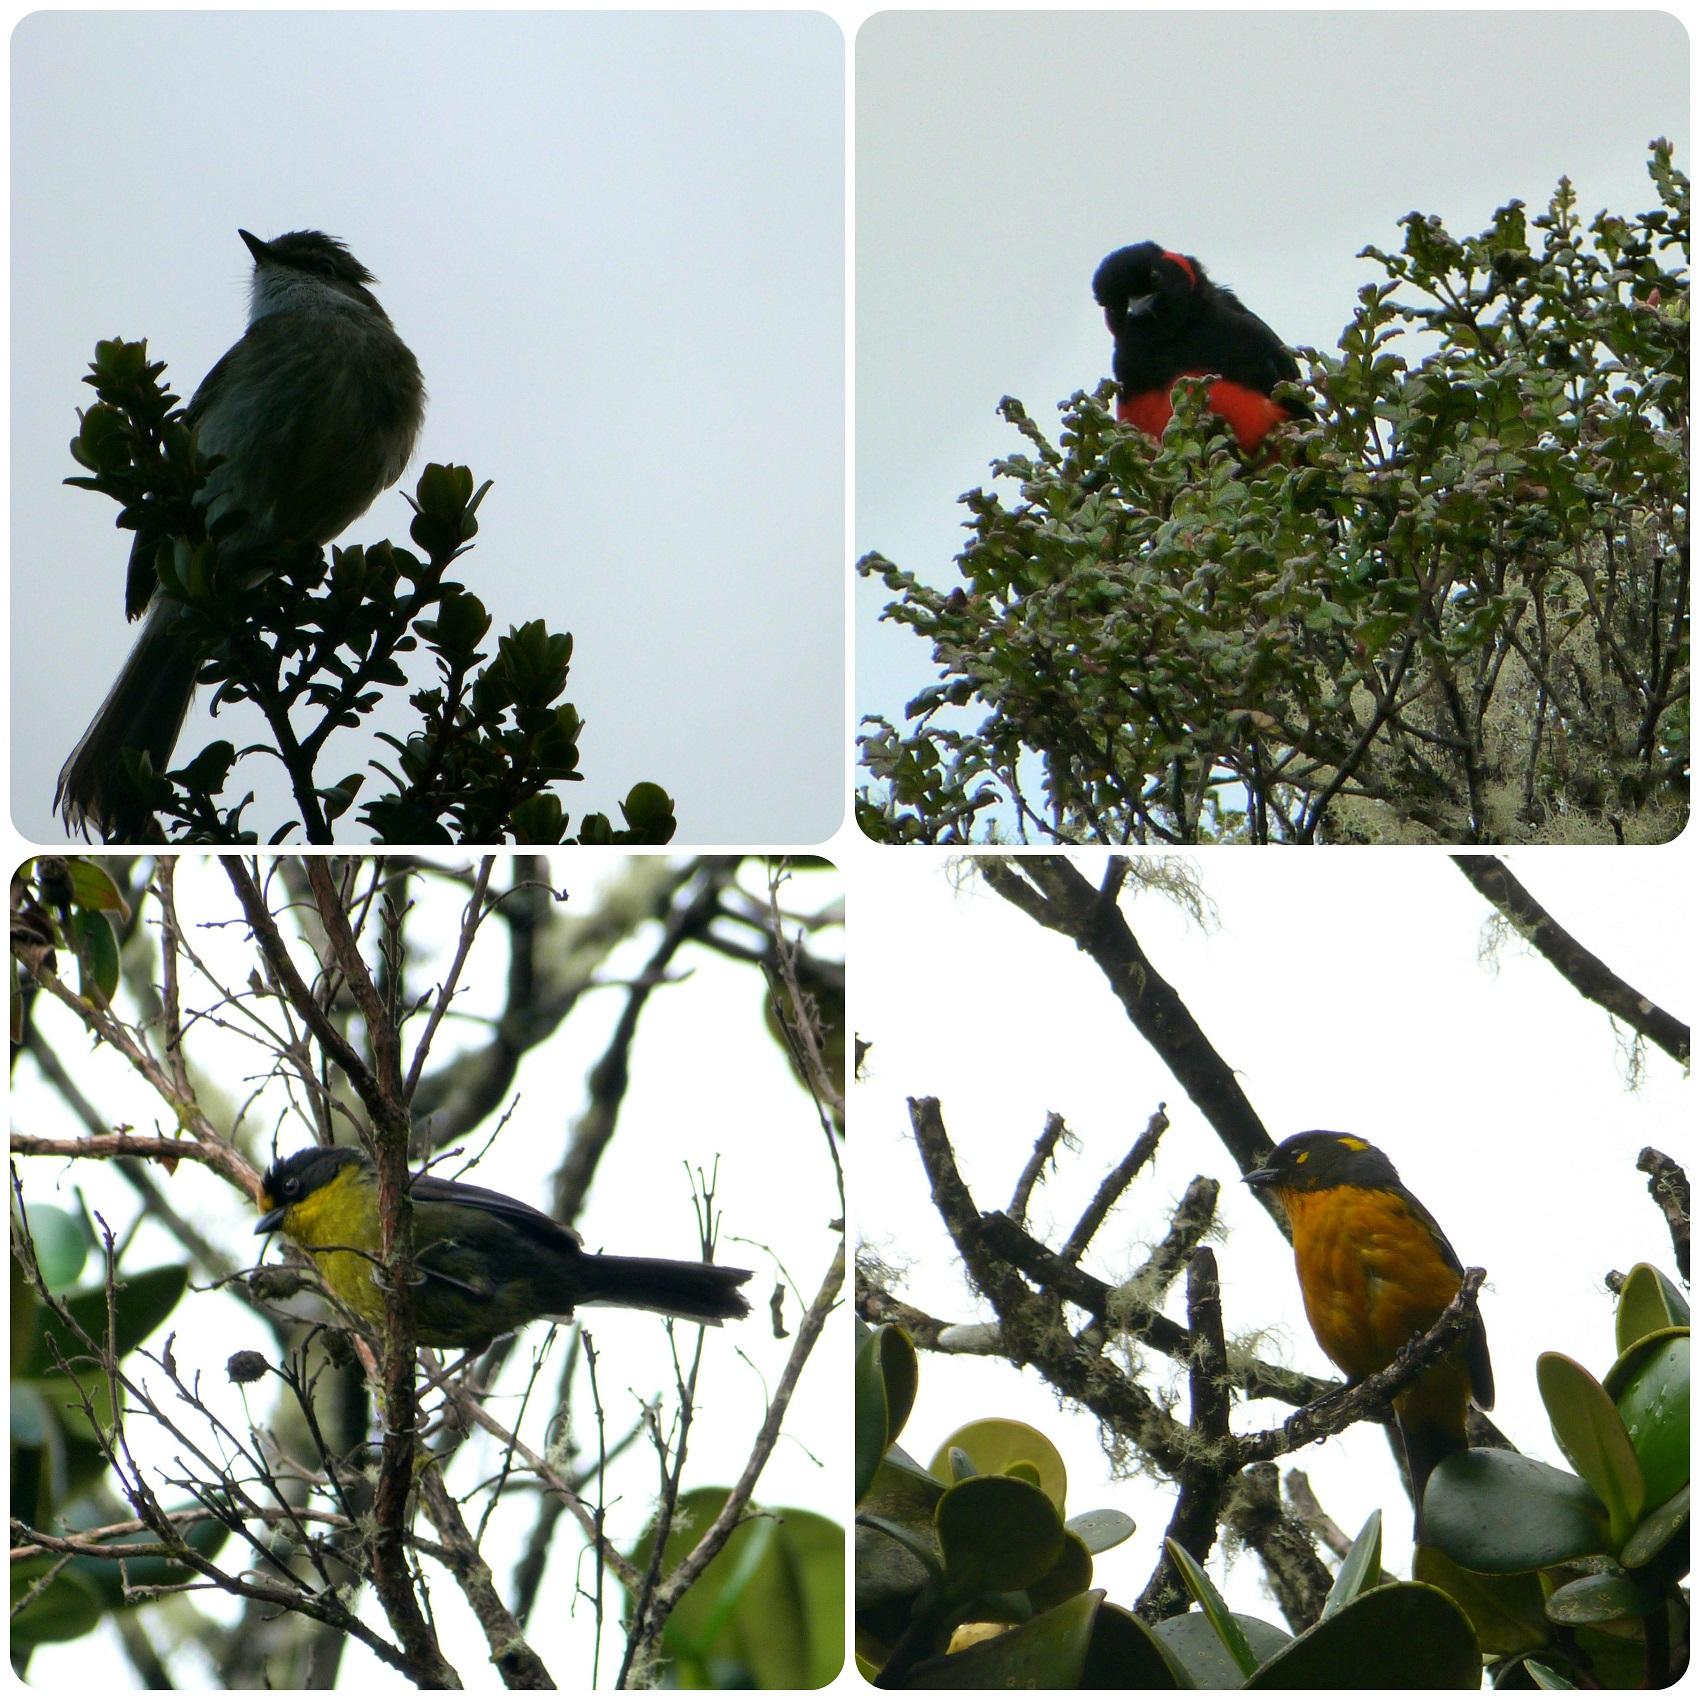 Oiseaux rencontrés sur le chemin vers les thermes de san juan au parc naturel Puracé : Anisognathus igniventris, Atlapetes pallidinucha, Anisognathus lacrymosus